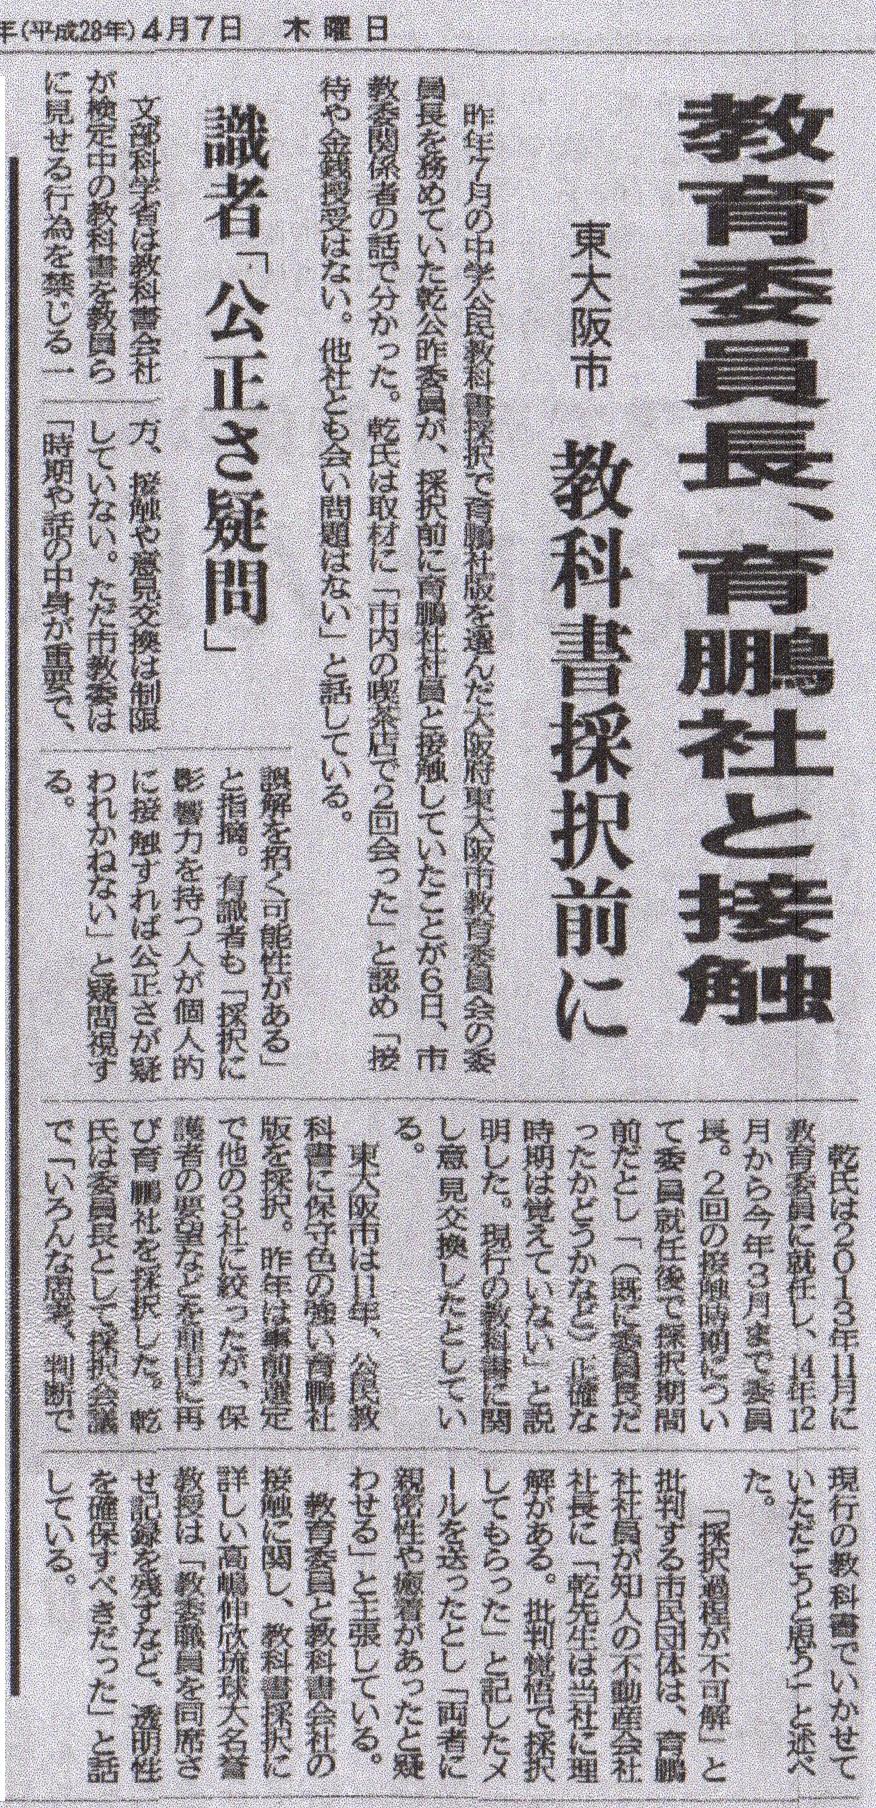 乾委員長と育鵬社接触・京都新聞2016・4・7